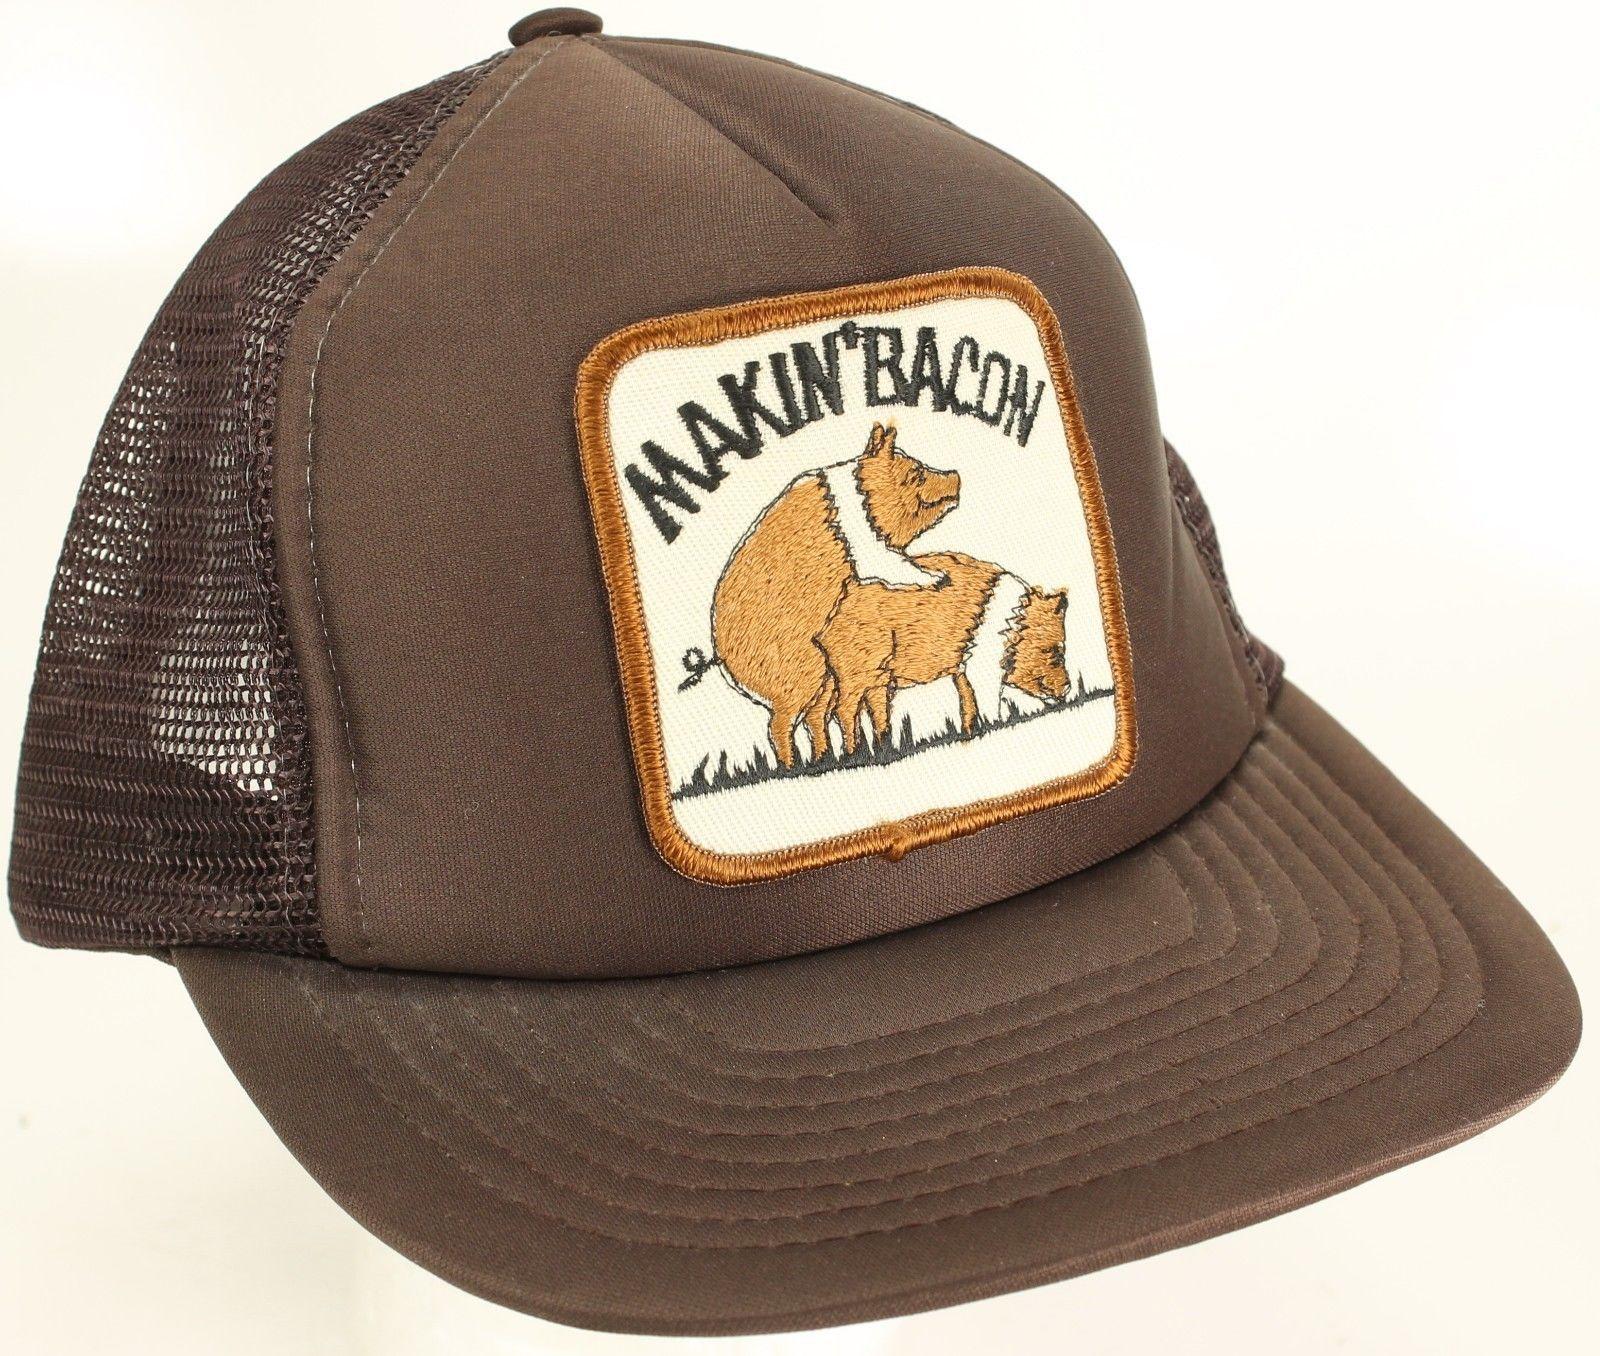 11af346e5c8 Vtg Snapback Makin Bacon Mesh Trucker Hat and 50 similar items